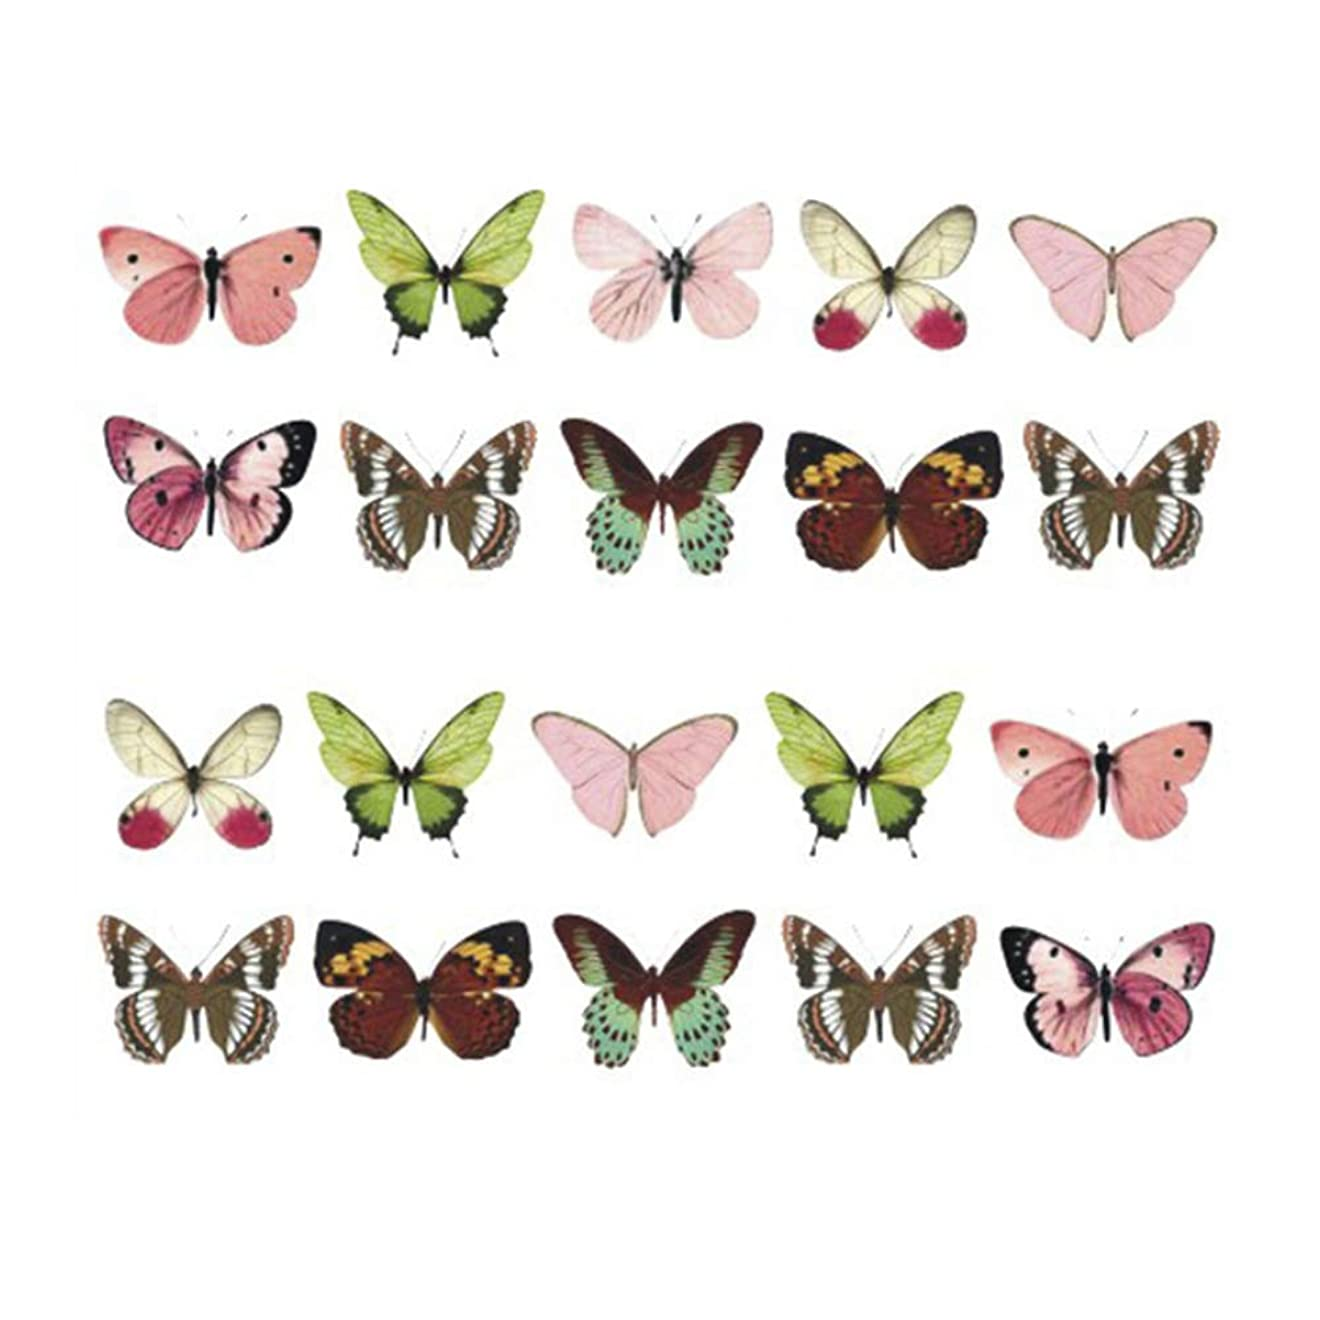 持続する絶壁ブレスネイルシール 蝶 バタフライ ピンク/グリーンなど ネイルステッカー ネイルアートジェルネイル1枚入り 貼るだけ DIY ネイル飾り エンボス